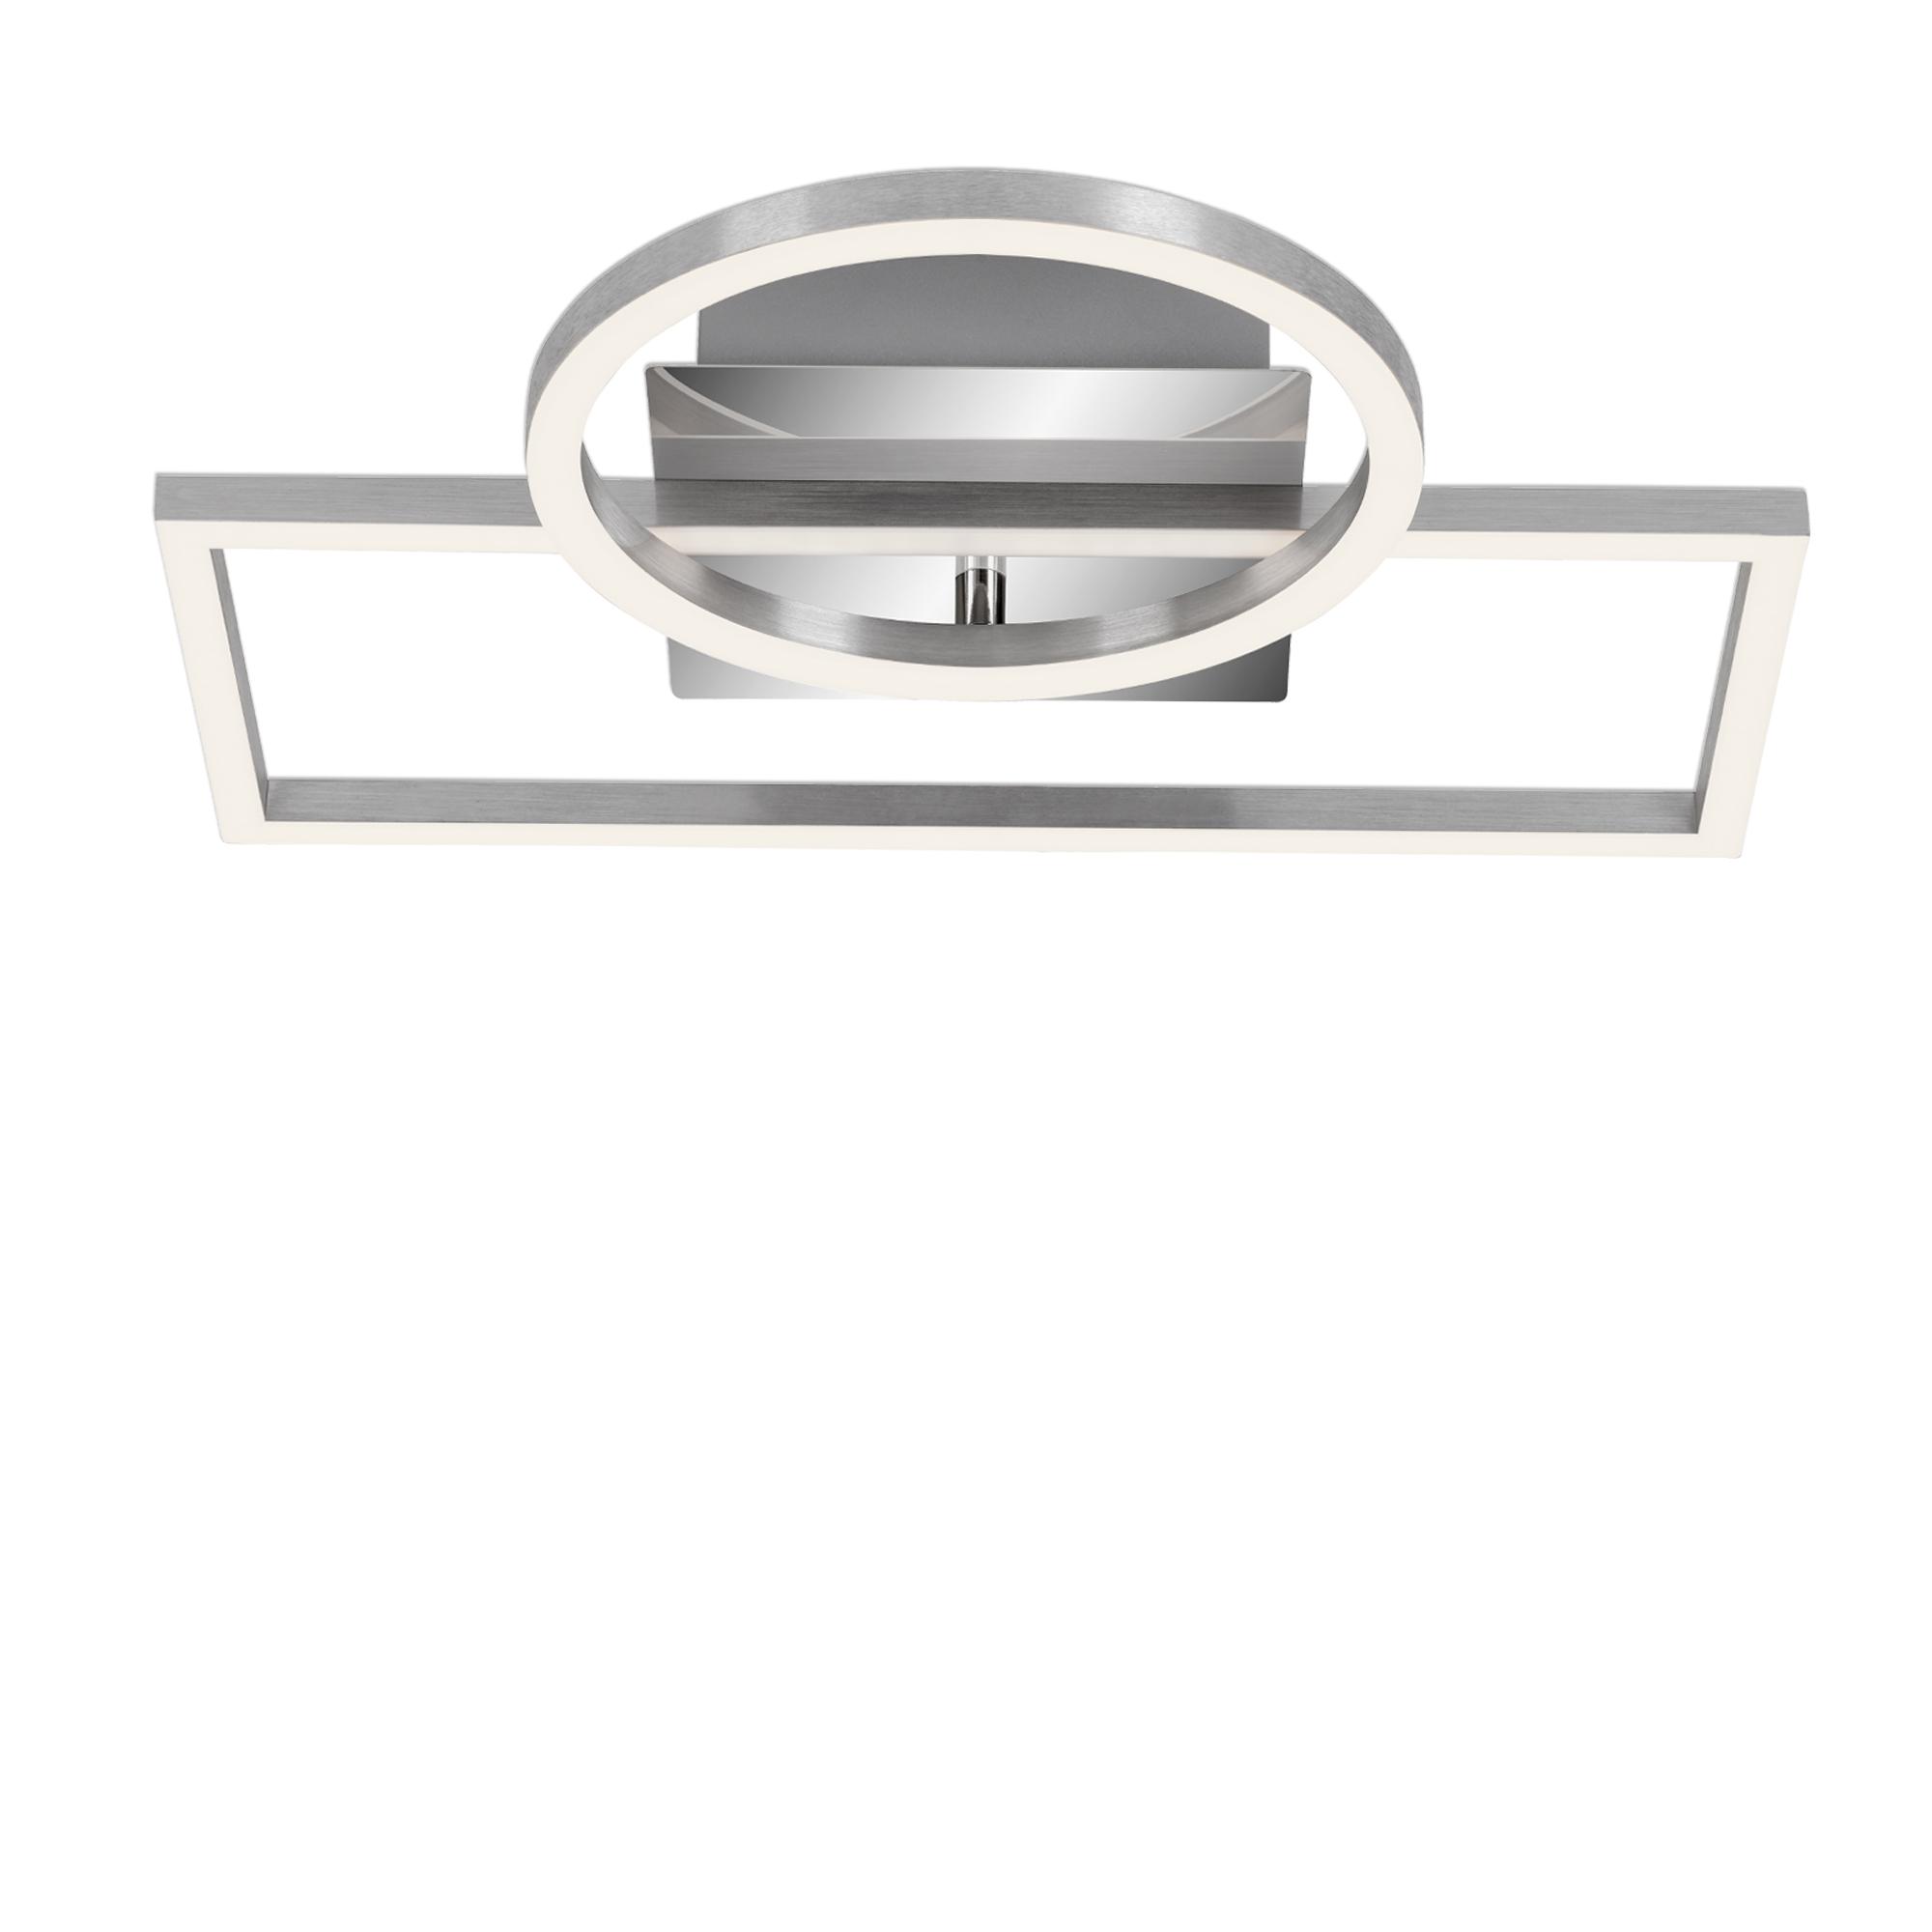 LED Deckenleuchte, 31 cm, 19,6 W, Alu-Chrom